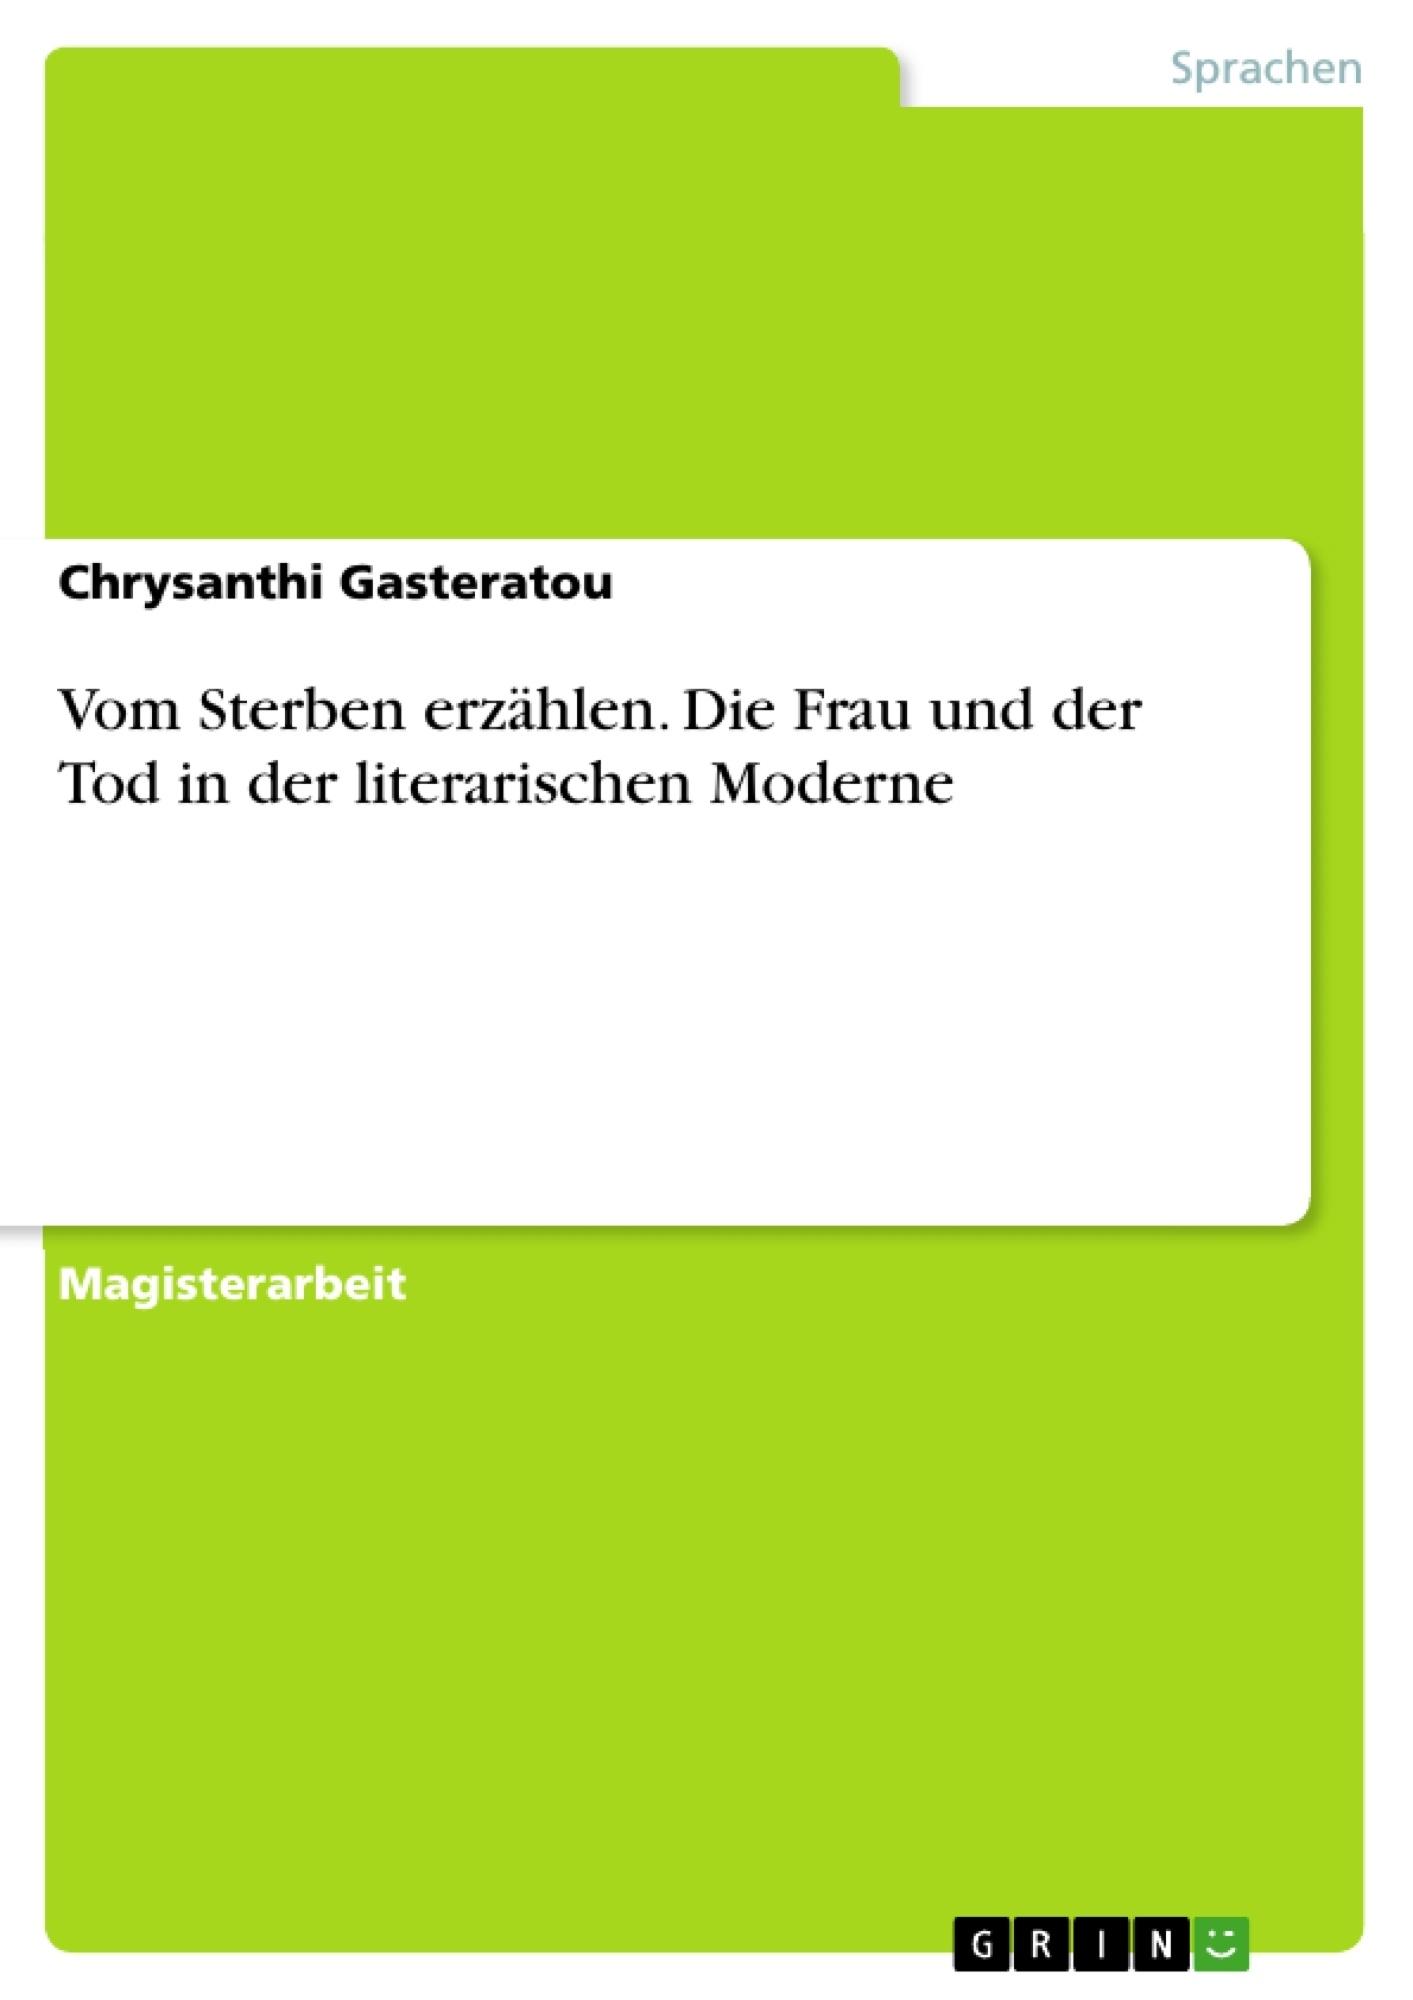 Titel: Vom Sterben erzählen. Die Frau und der Tod in der literarischen Moderne